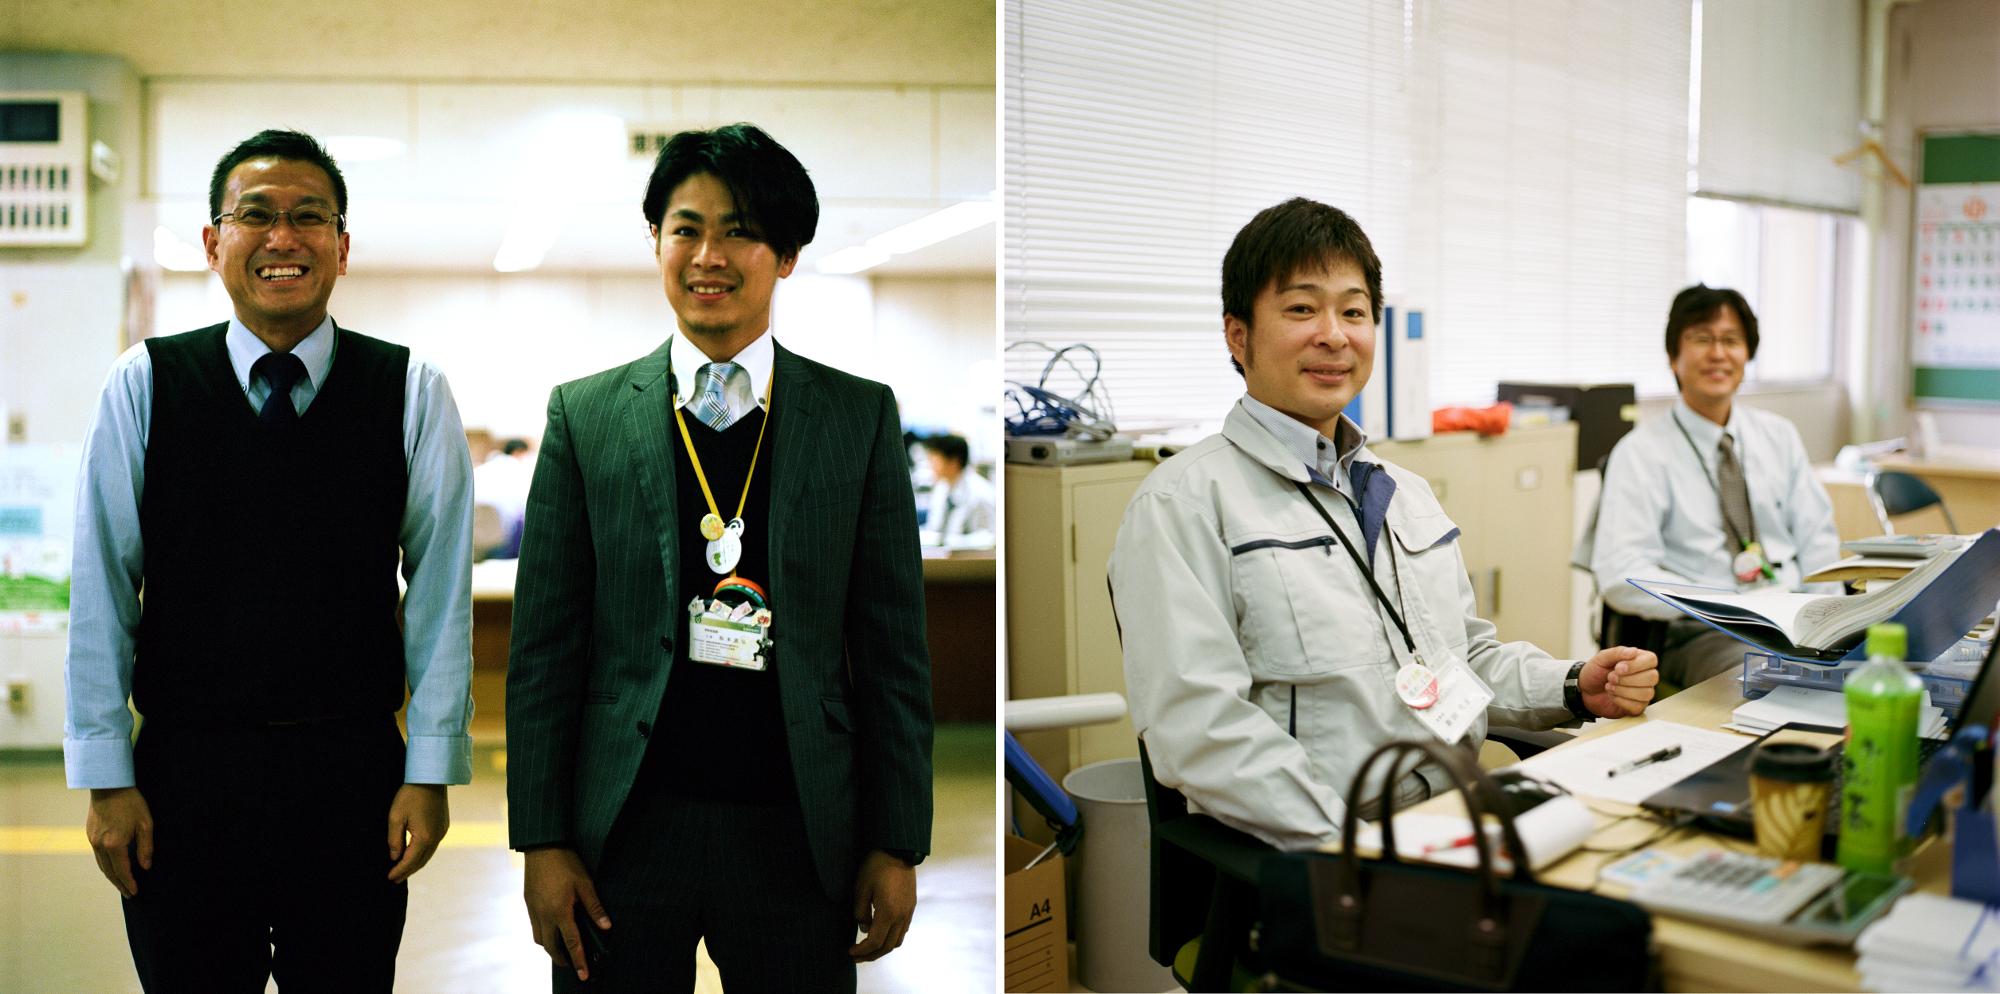 À gauche, ces deux personnes travaillent à la mairie de Naraha. Celui de droite, Masahiro Matsumoto, est originaire de Naraha, mais sa maison a été emportée par le tsunami. Il n'a pas l'argent pour la reconstruire.À droite, ces deux hommes travaillent dans le centre communautaire Naraha Mirai, en face de la mairie. Celui-ci est mandaté par la municipalité pour recréer des liens sociaux entre les habitants qui sont revenus. Ils éditent un magazine de quartier et organisent des activités sociales. Nitta, à gauche, vit à Koriyama, la grande ville à 100 kilomètres au nord-ouest. Ancien habitant de Naraha, il ne veut pas y revenir à cause de ses deux jeunes enfants.